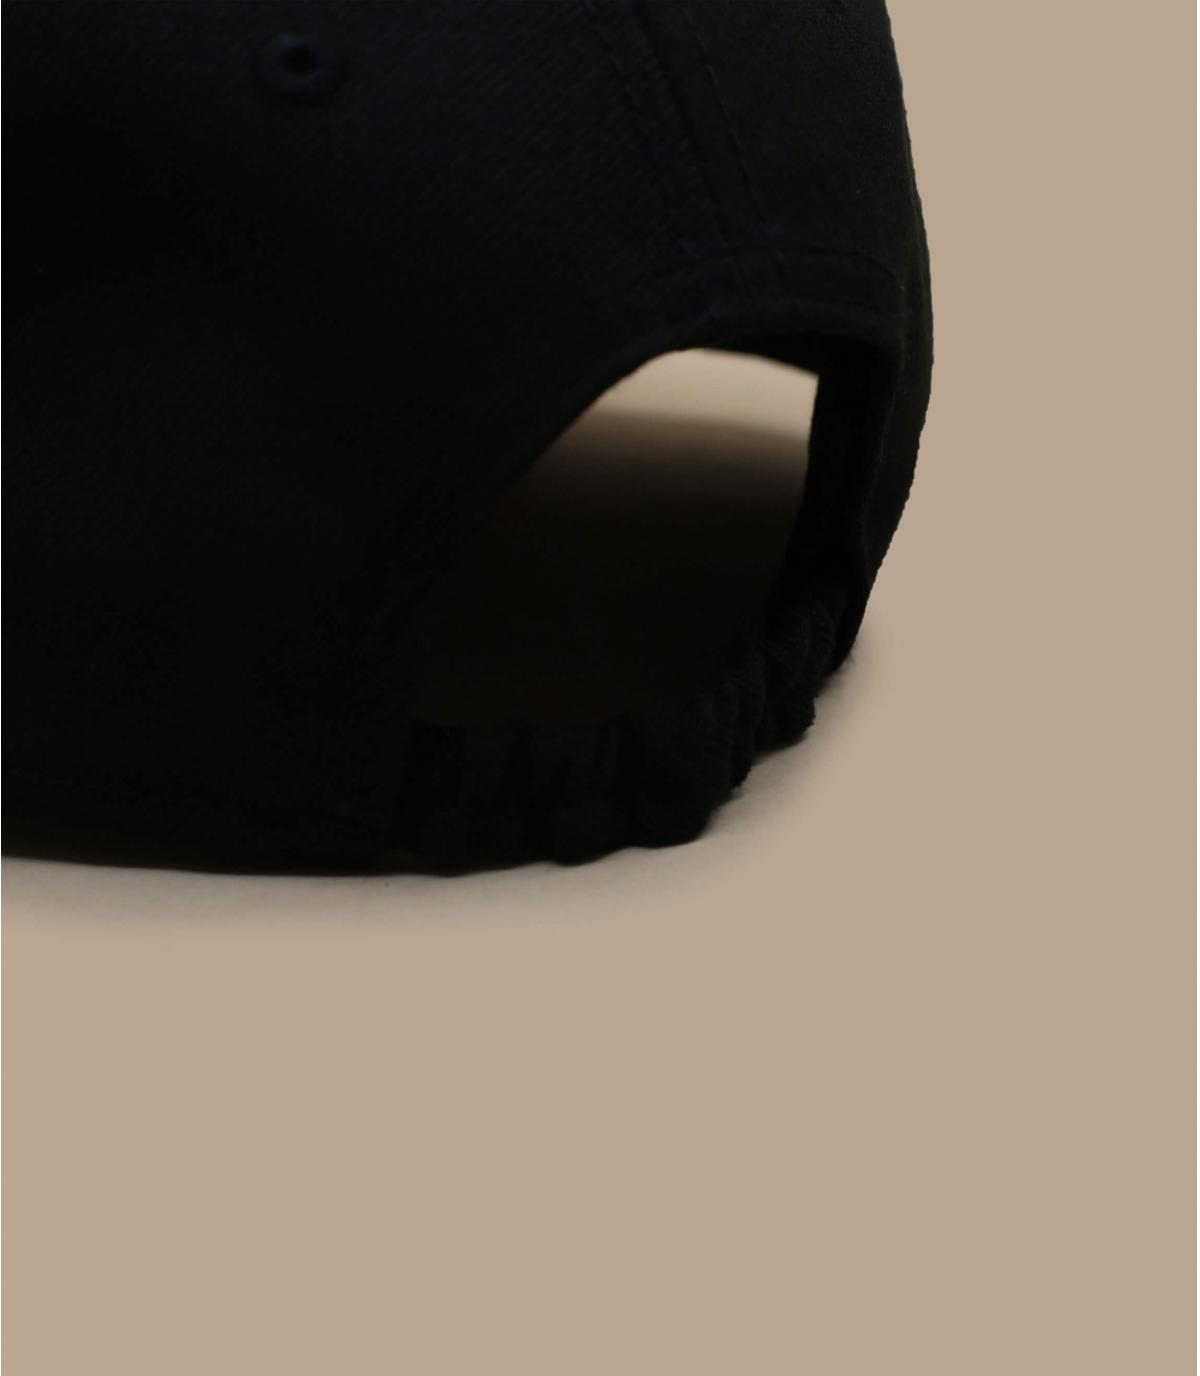 Détails Casquette Baby Neon Pack NY 940 black orange - image 3